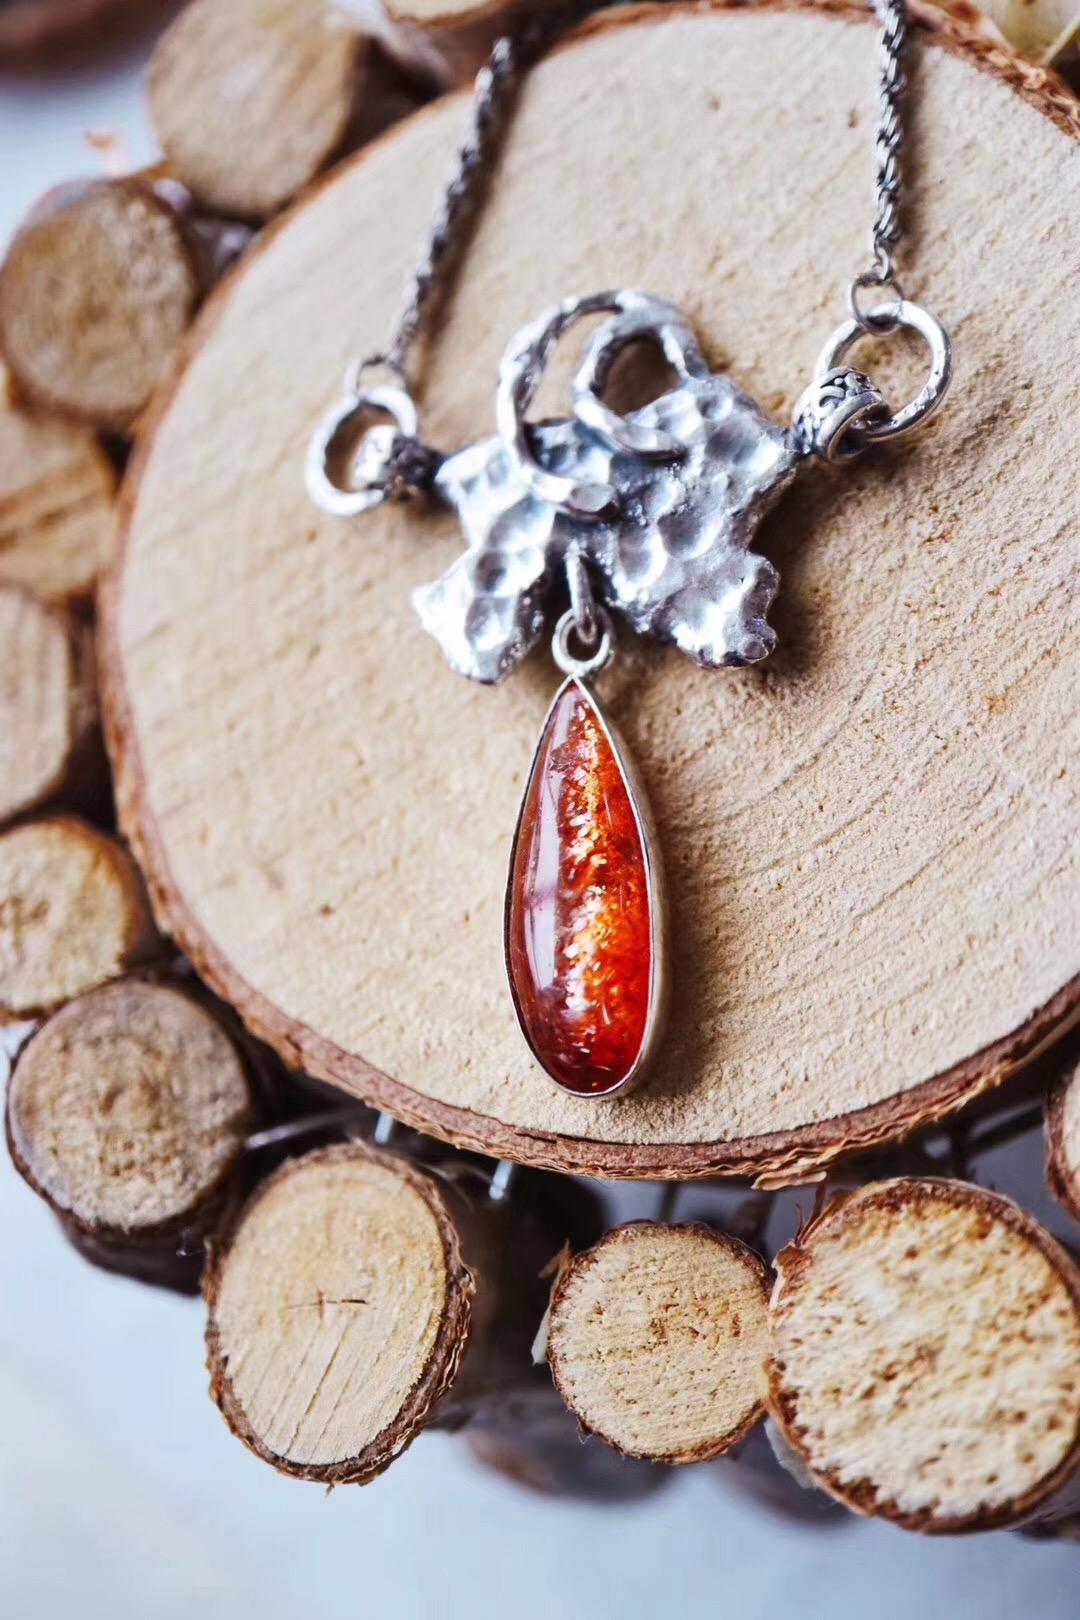 【菩心-太阳石】这一枚太阳石坠,是关于自由的。-菩心晶舍